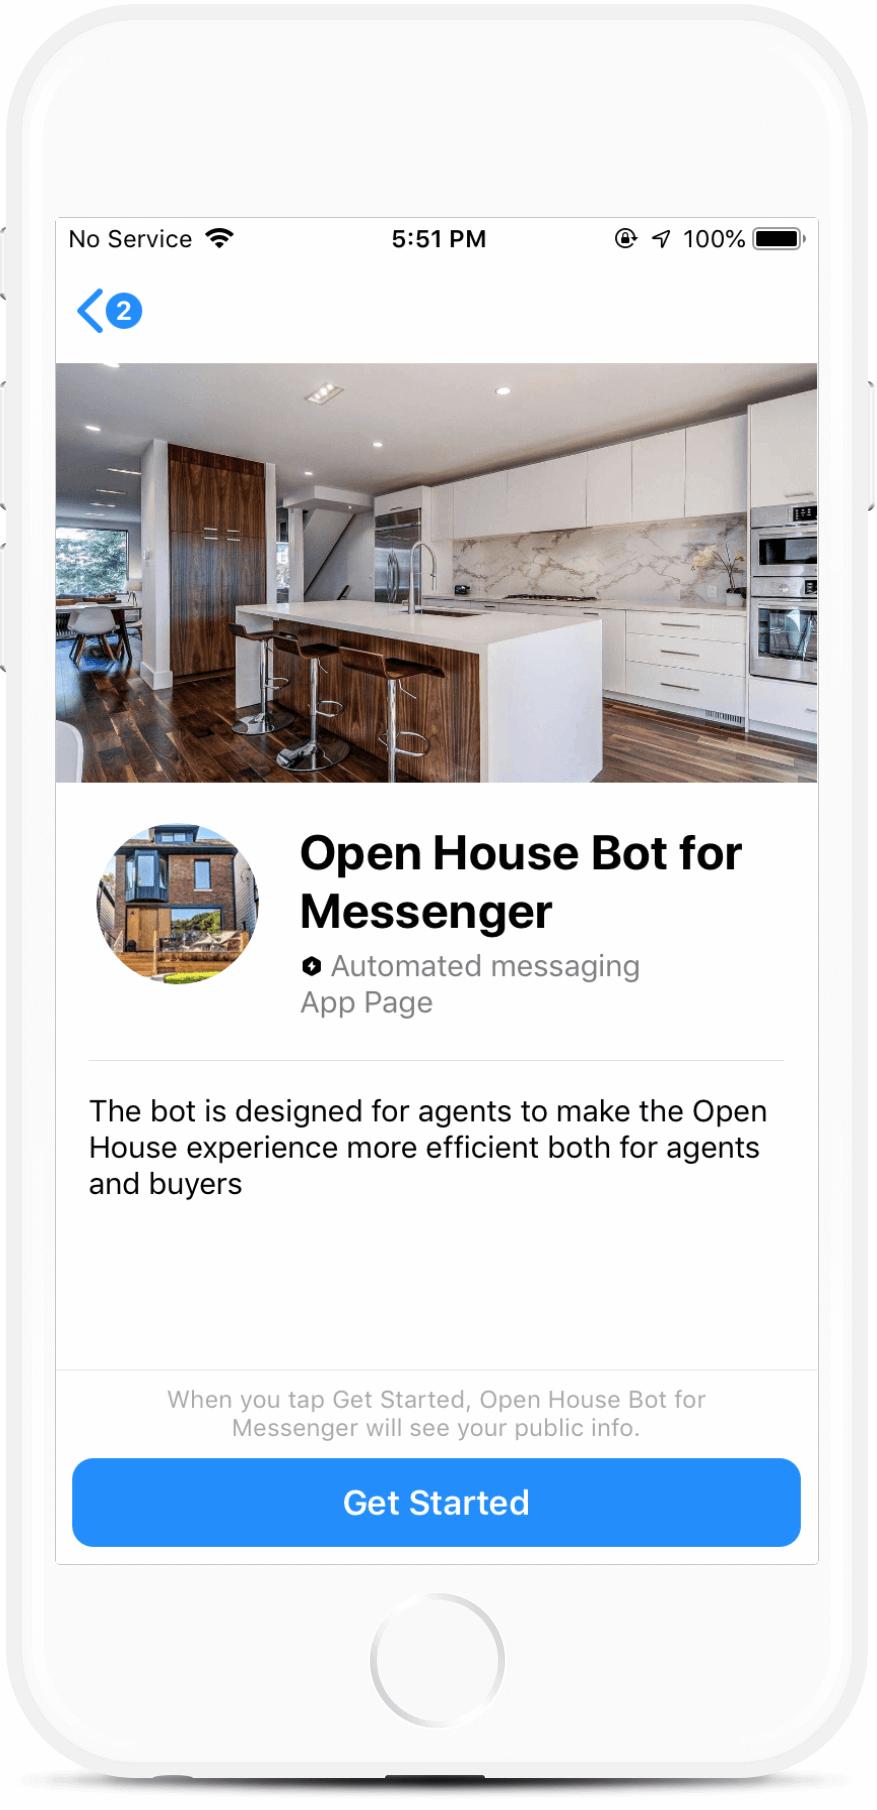 Casa Aberta Robô para Agentes Imobiliários